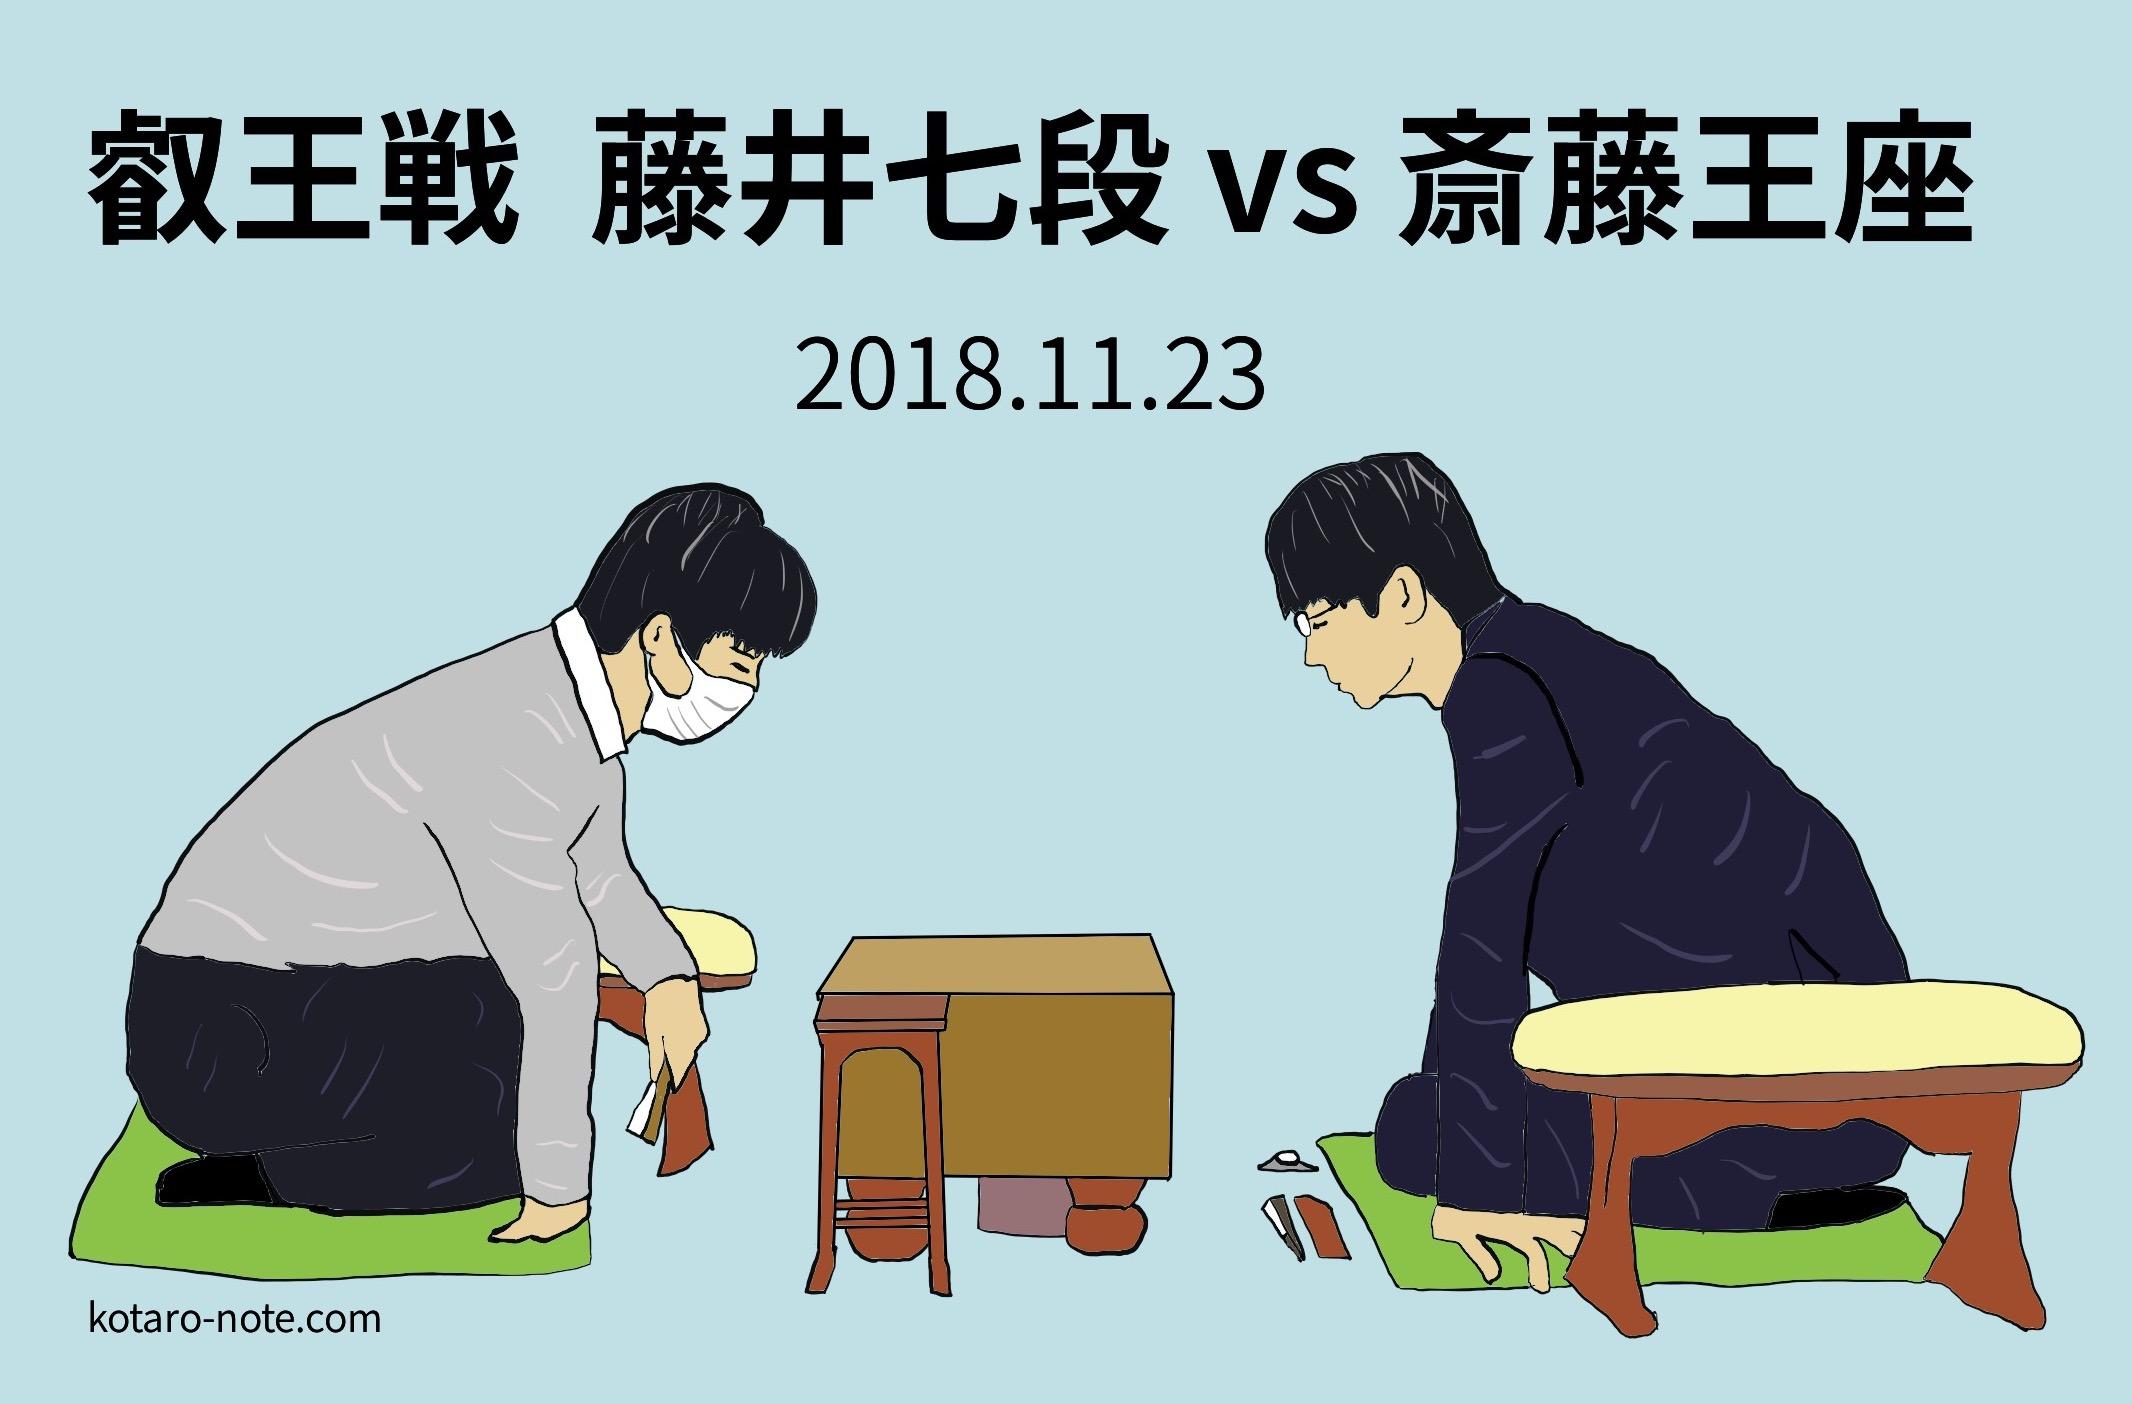 藤井聡太七段vs斉藤慎太郎王座